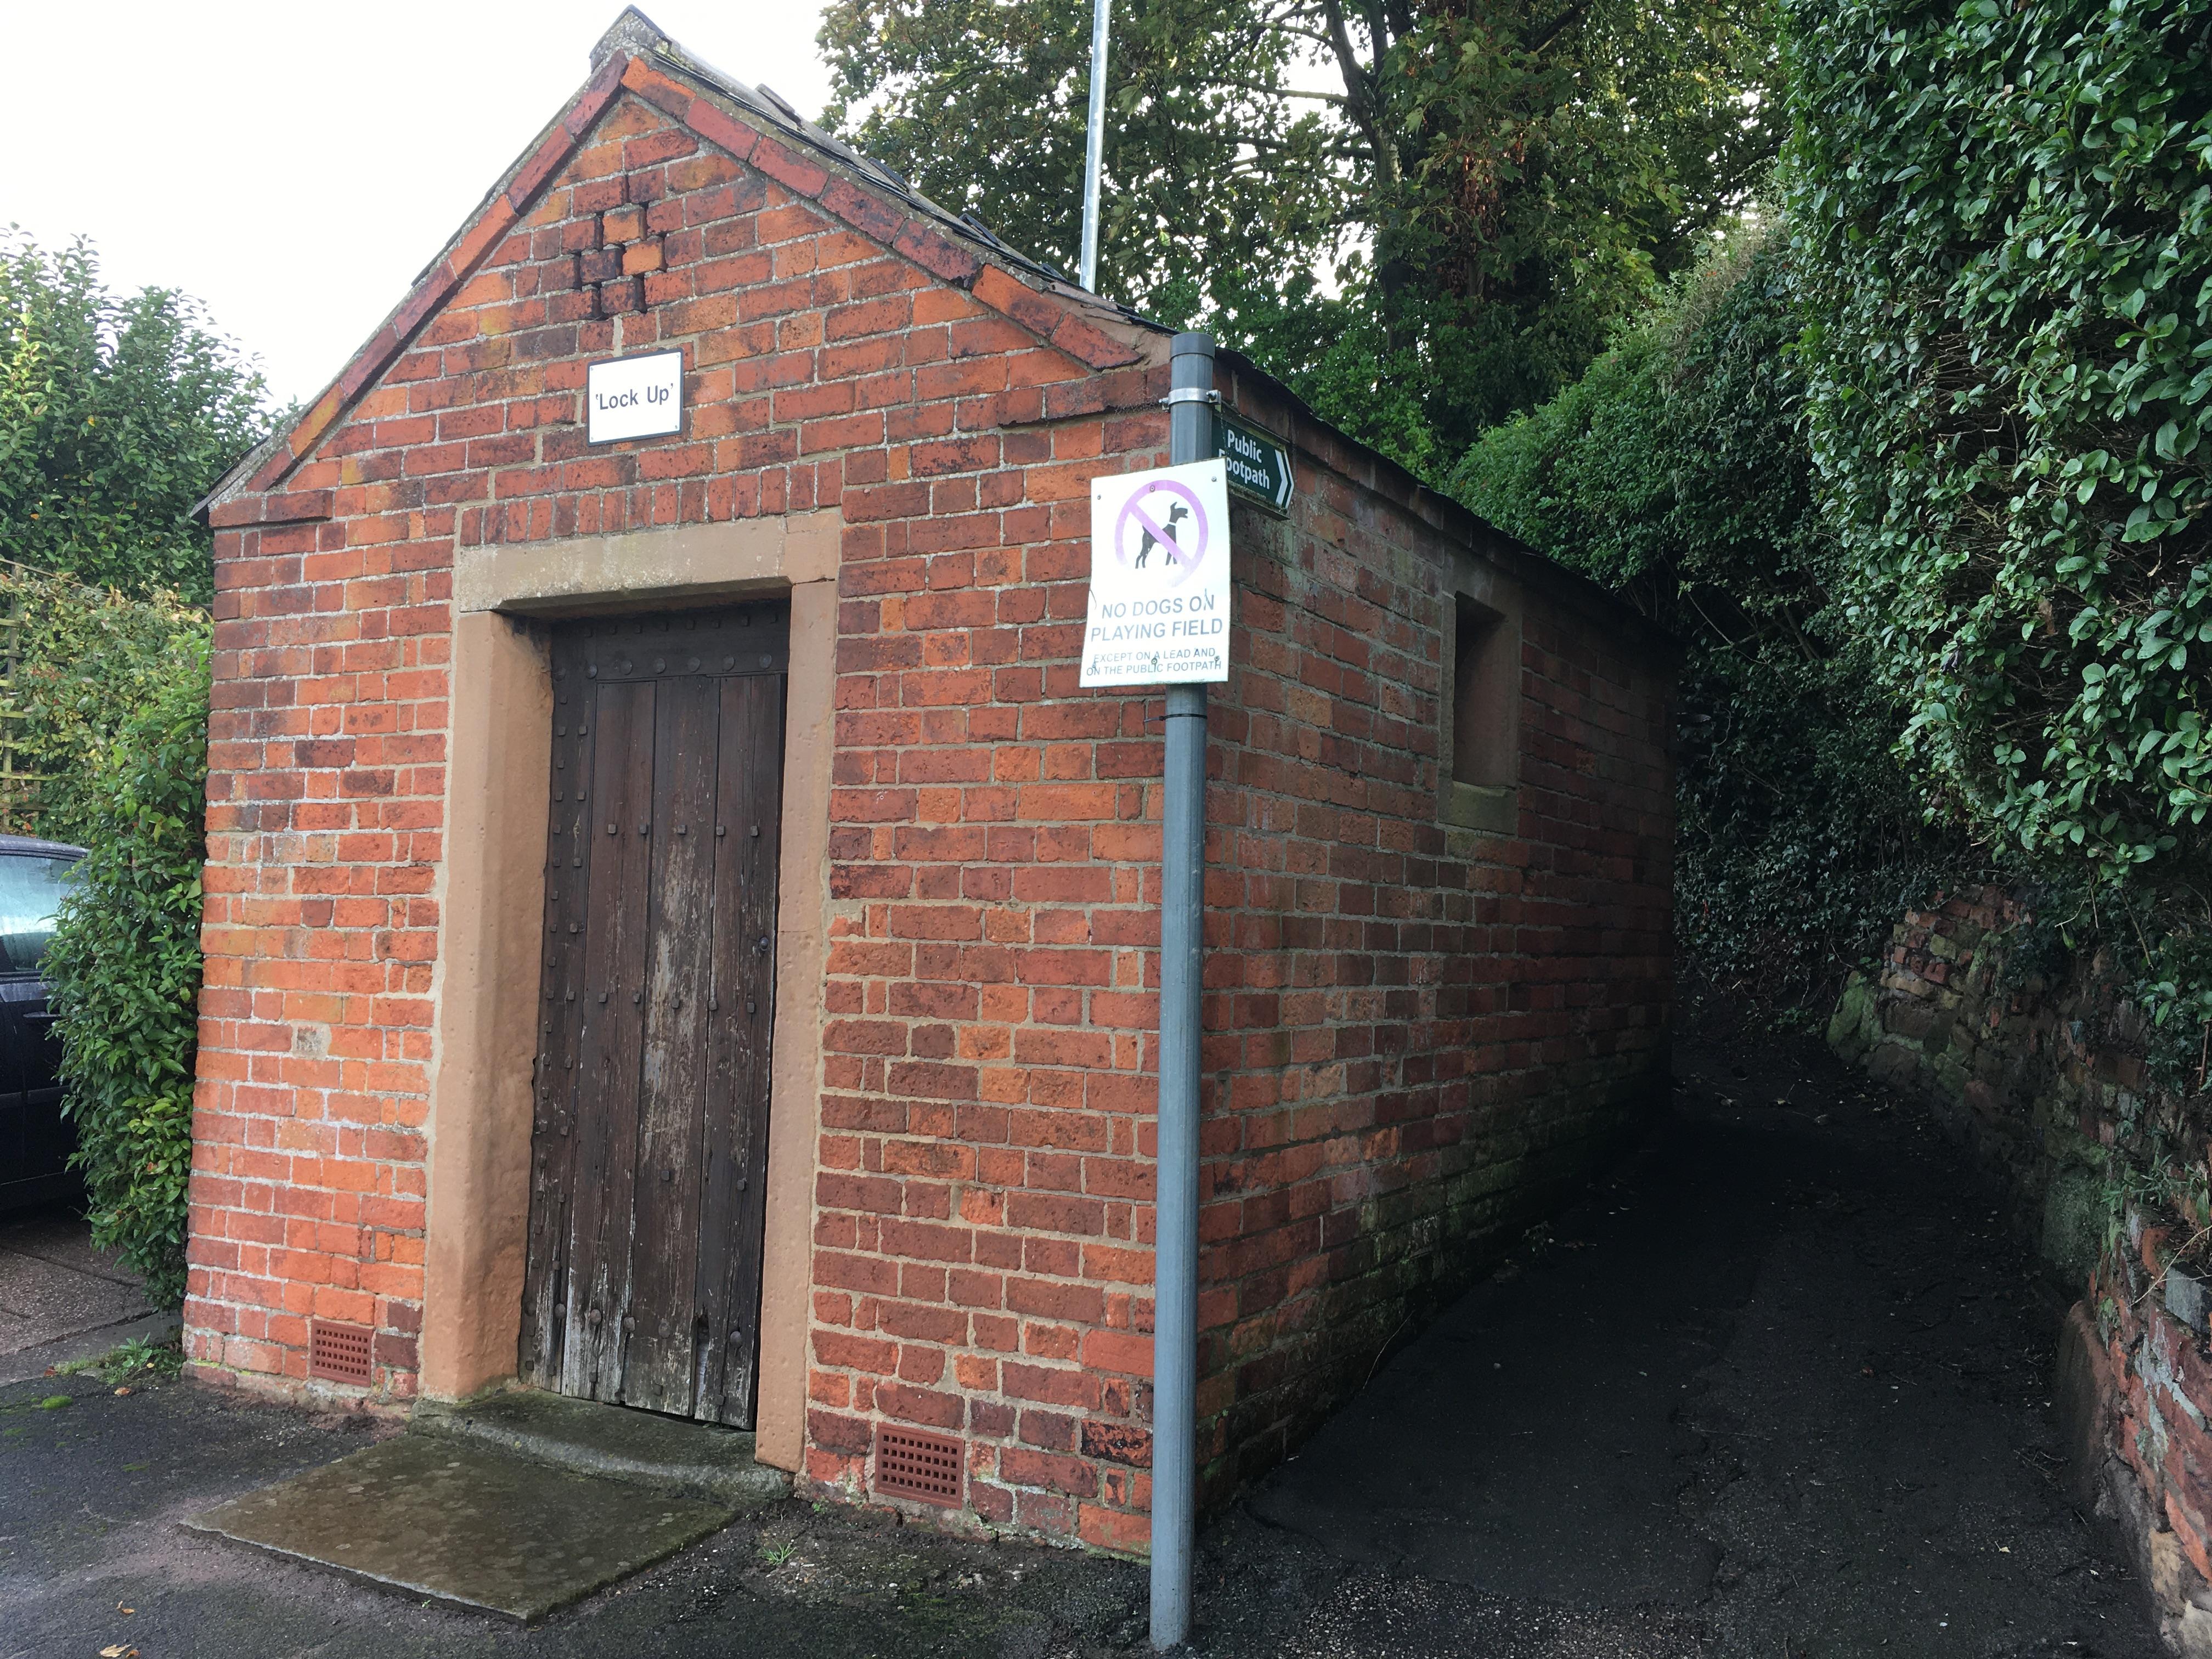 Farnsfield lock-up, exterior